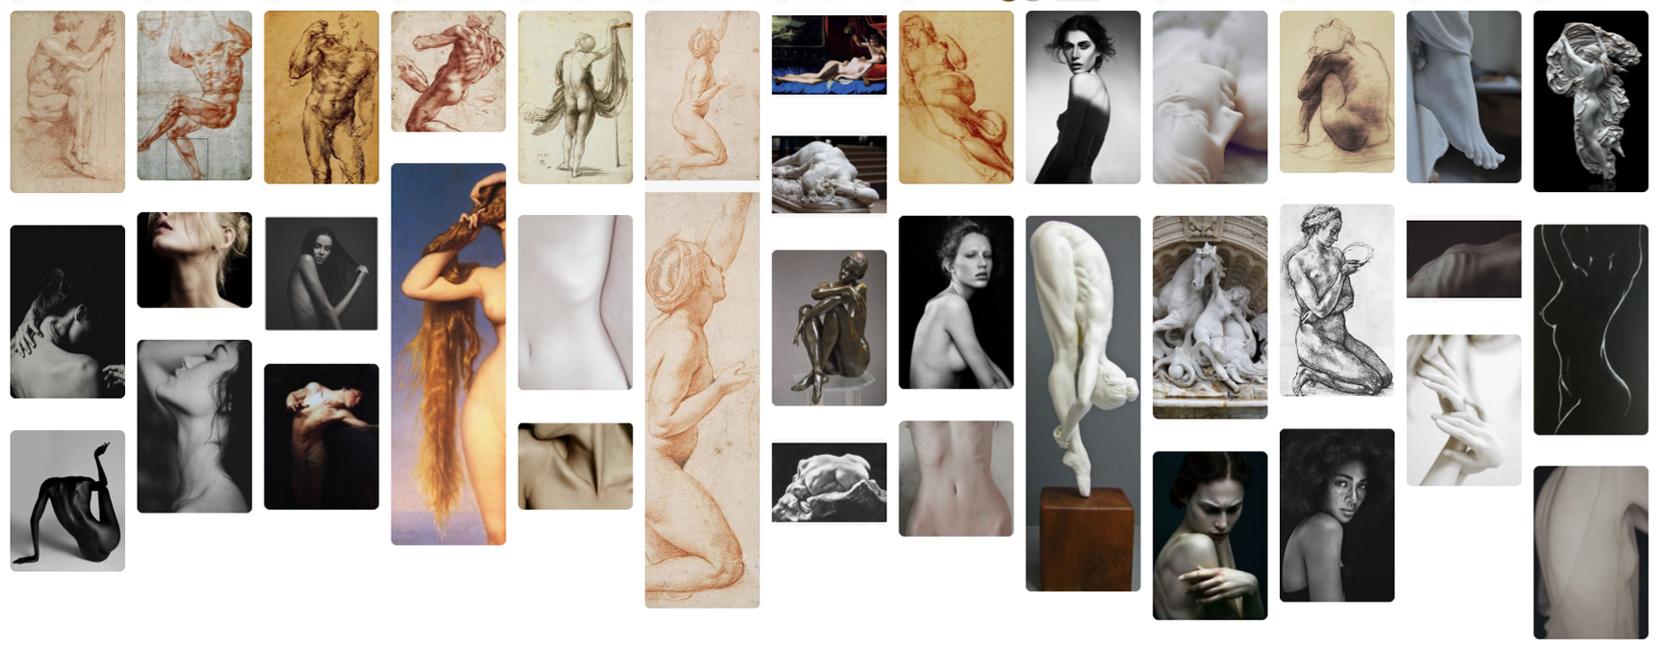 Nude-Theme.jpg